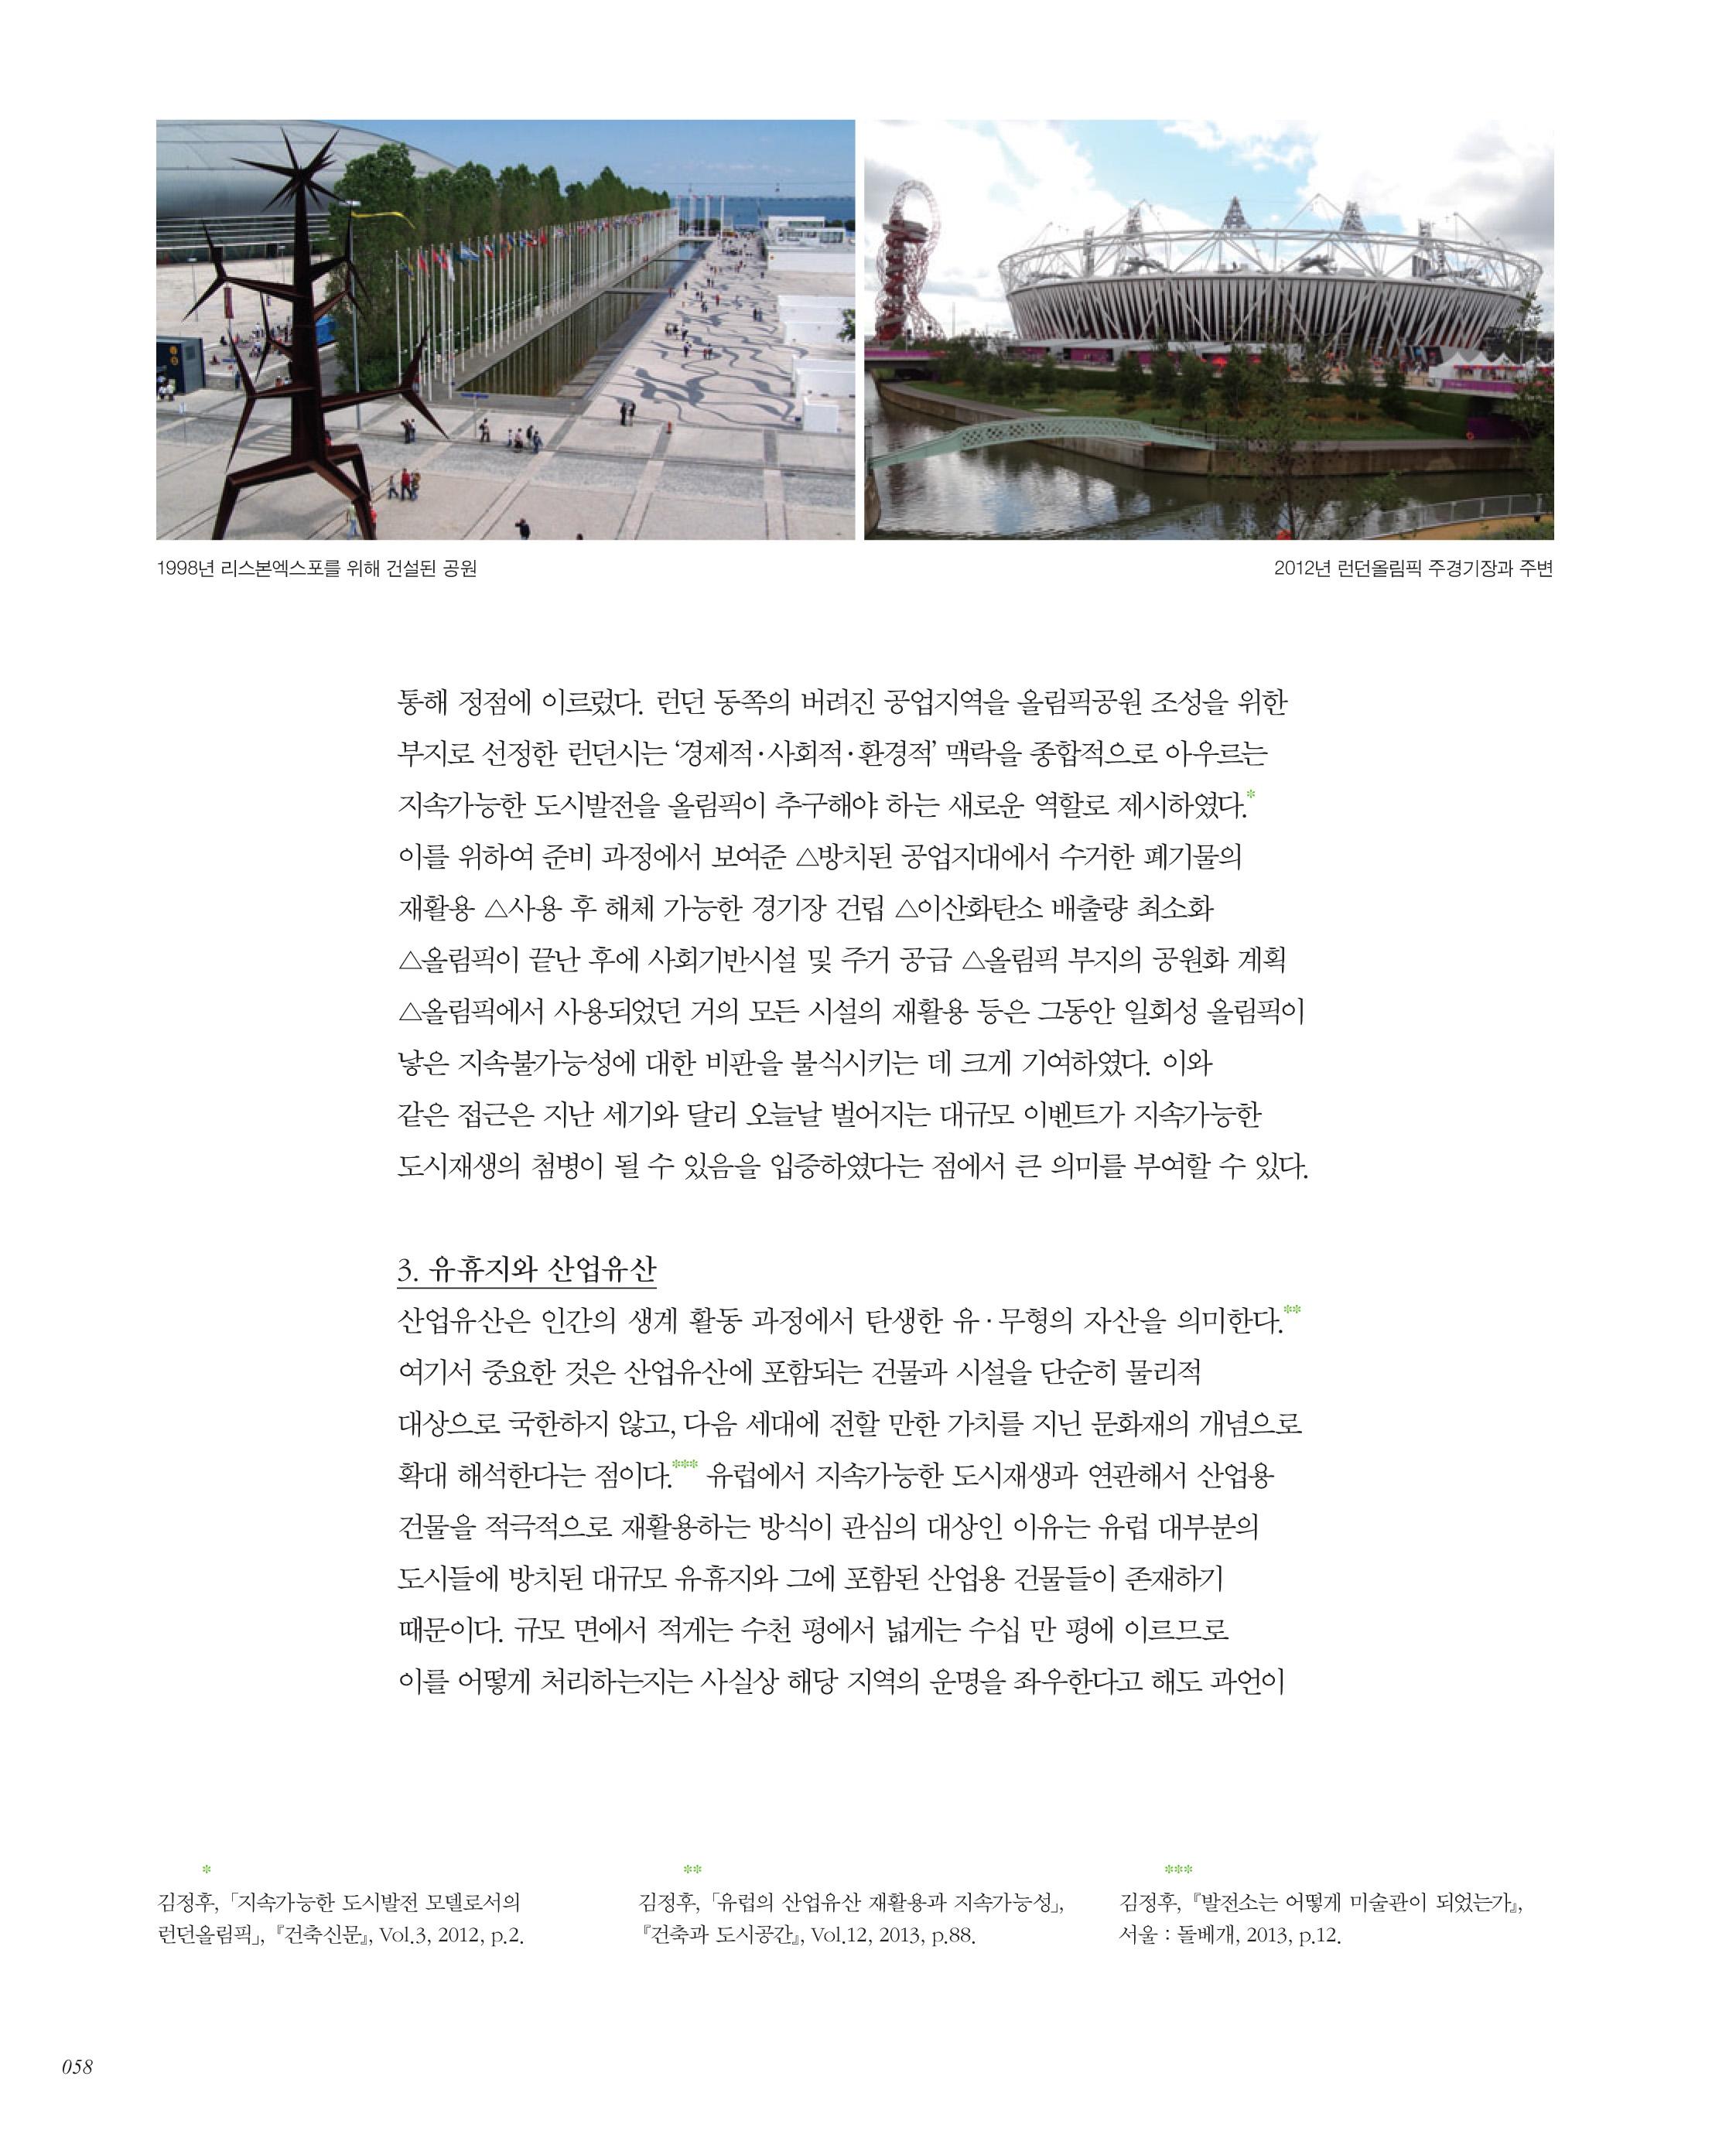 유럽의 건축문화기반 도시재생_김정후 박사-10.jpg